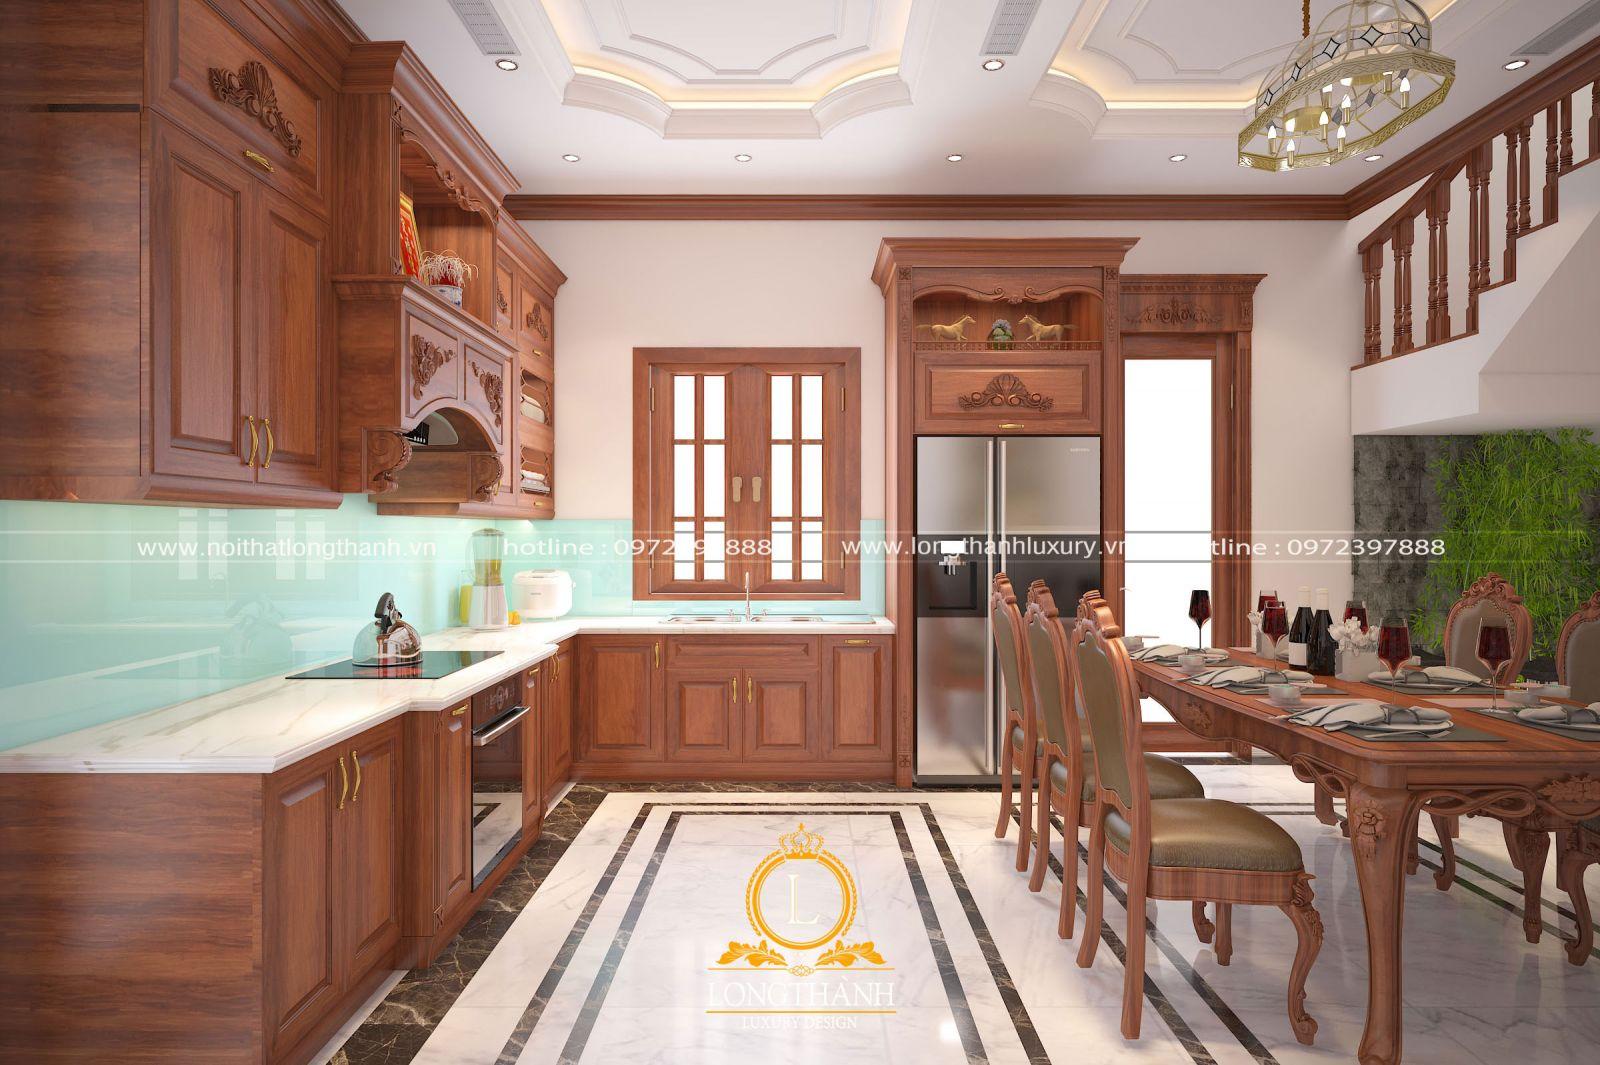 Bộ tủ bếp đẹp được lựa chọn cùng bộ bàn ăn cho không gian nhà bếp hài hòa